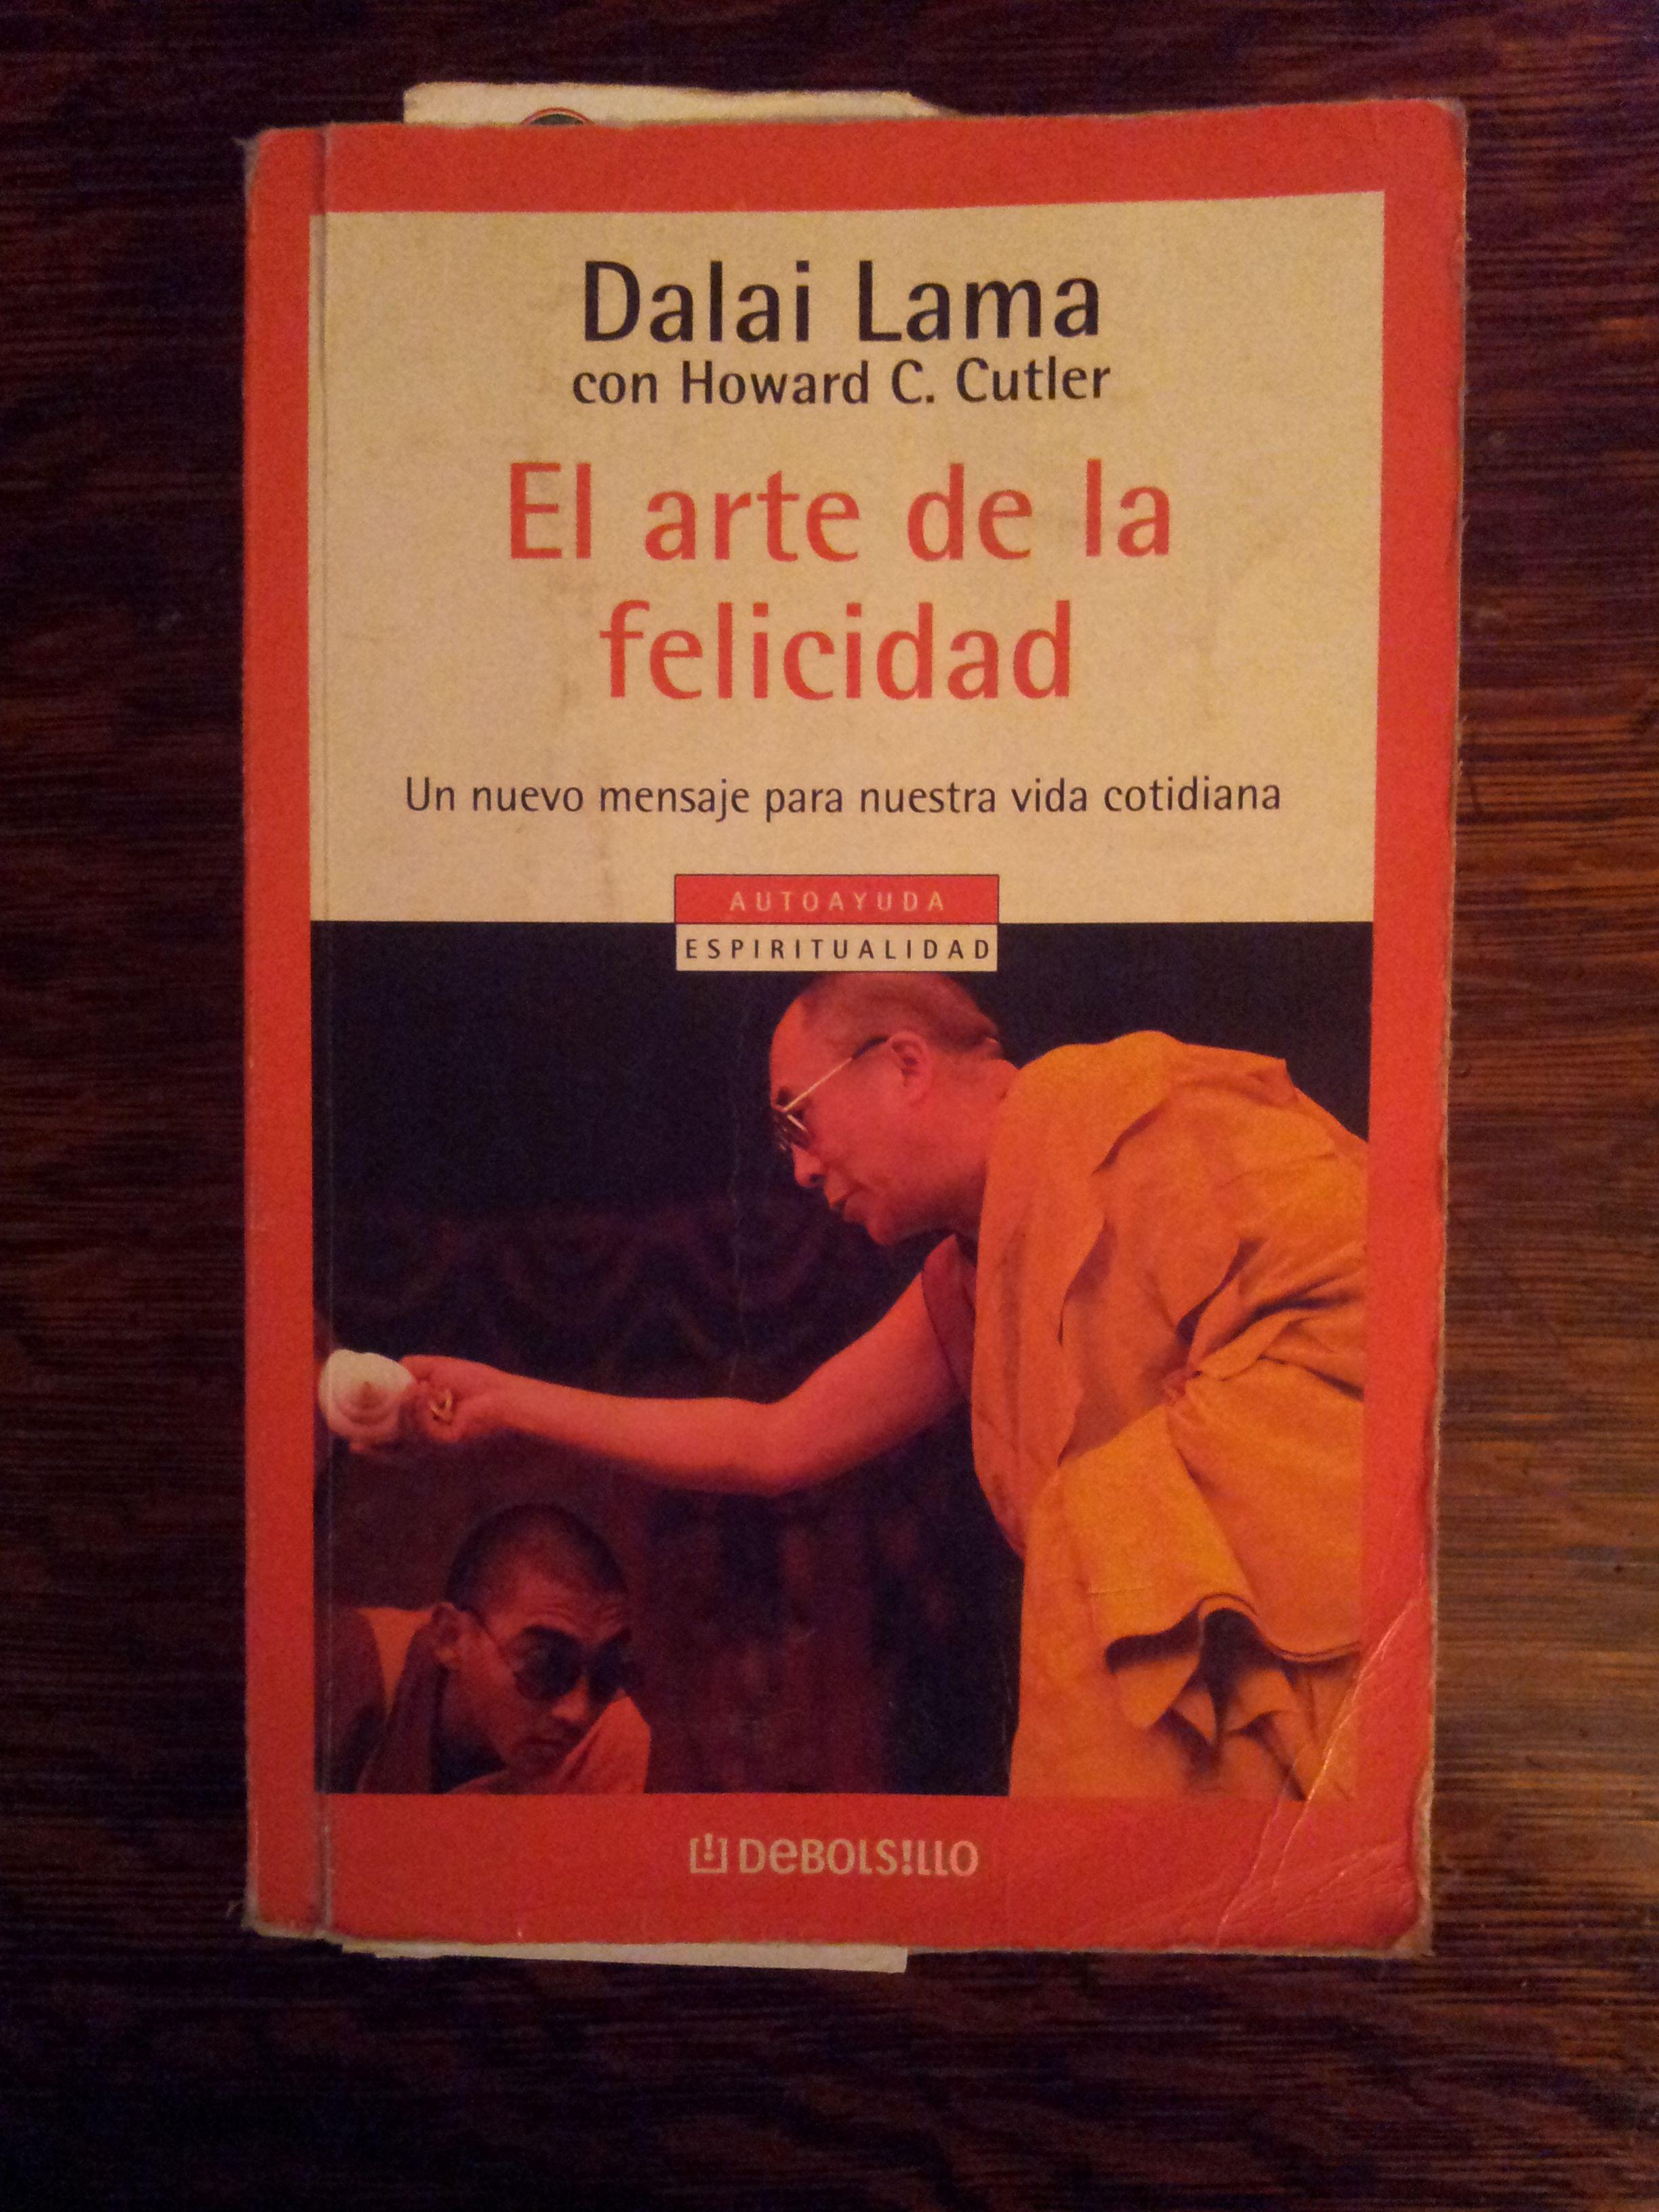 Dalai Lama El Arte De La Felicidad El Arte De La Felicidad Autoayuda Libros